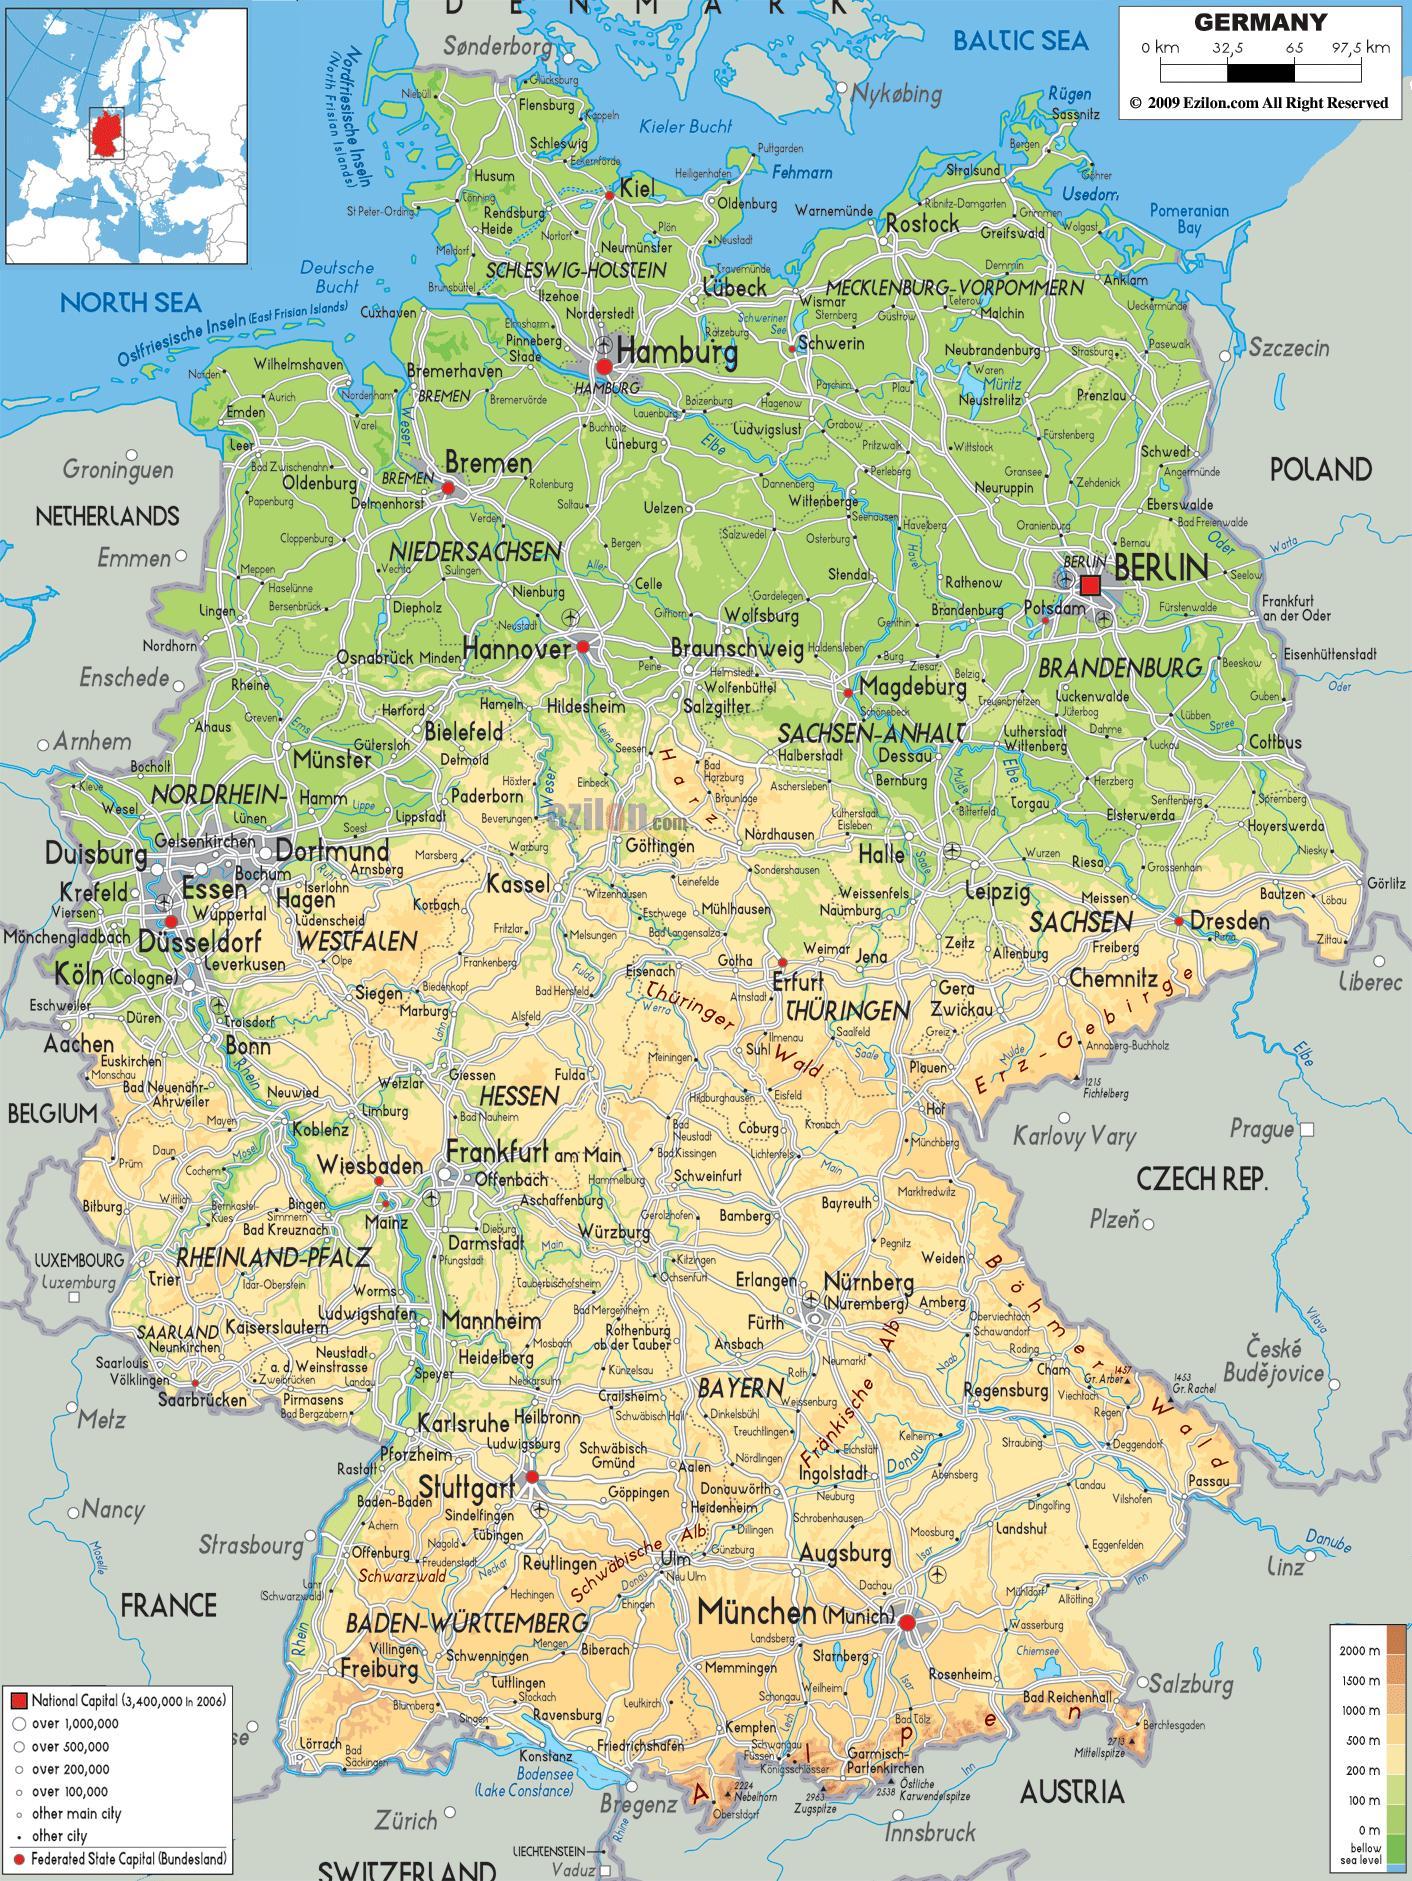 Michelin-Karten, Deutschland - Map of Germany michelin (Western ...